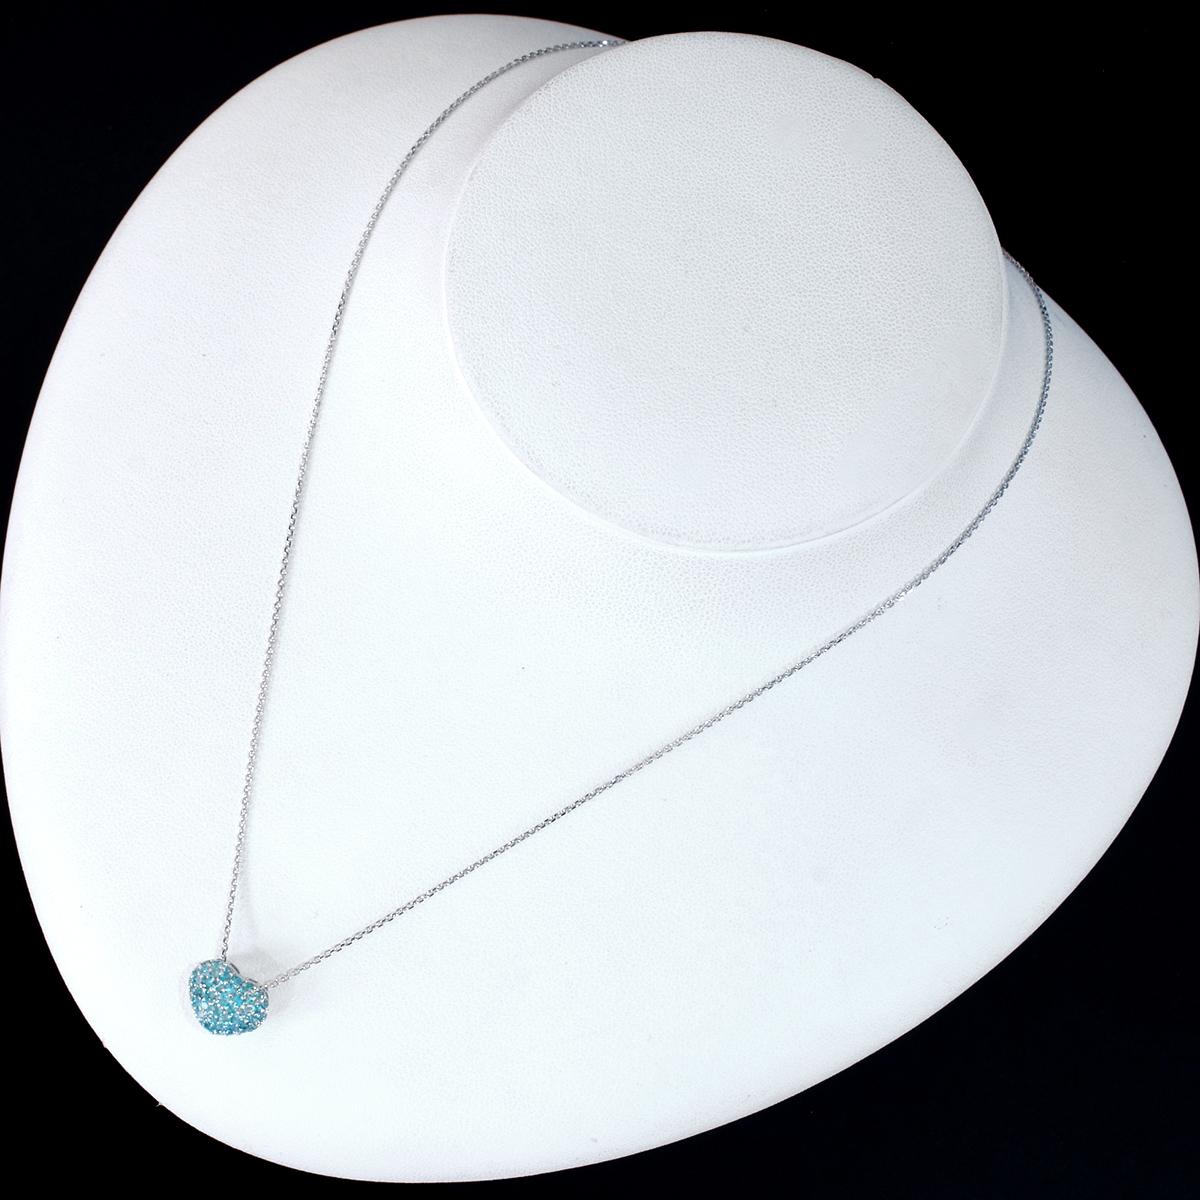 E8352【HEART】パライバトルマリン0.45ct 最高級18金WG無垢ネックレス 長さ42cm 重量2.65g 幅9.0mm_画像3